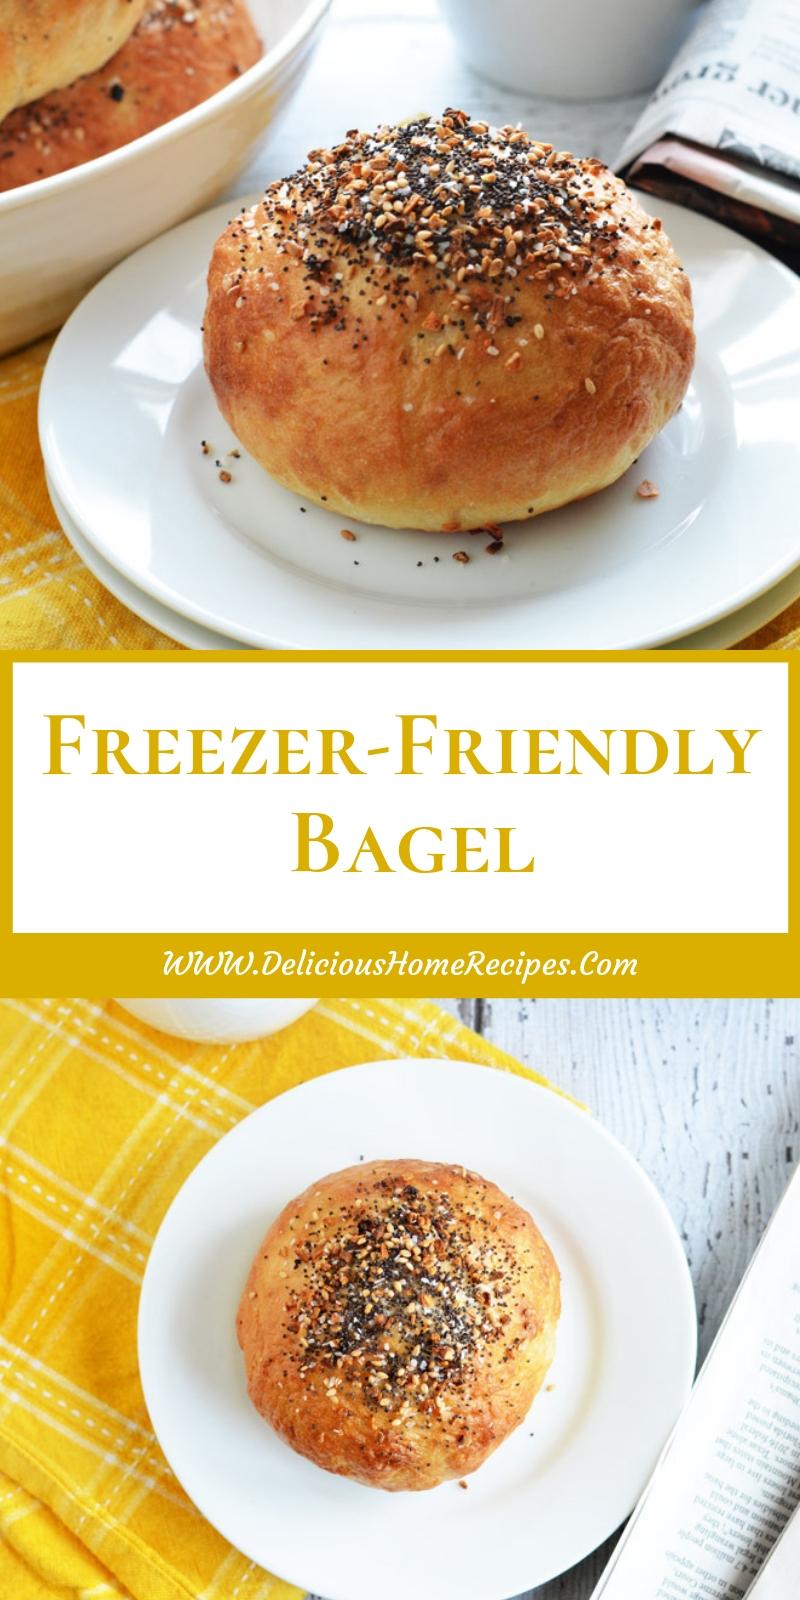 Freezer-Friendly Bagel